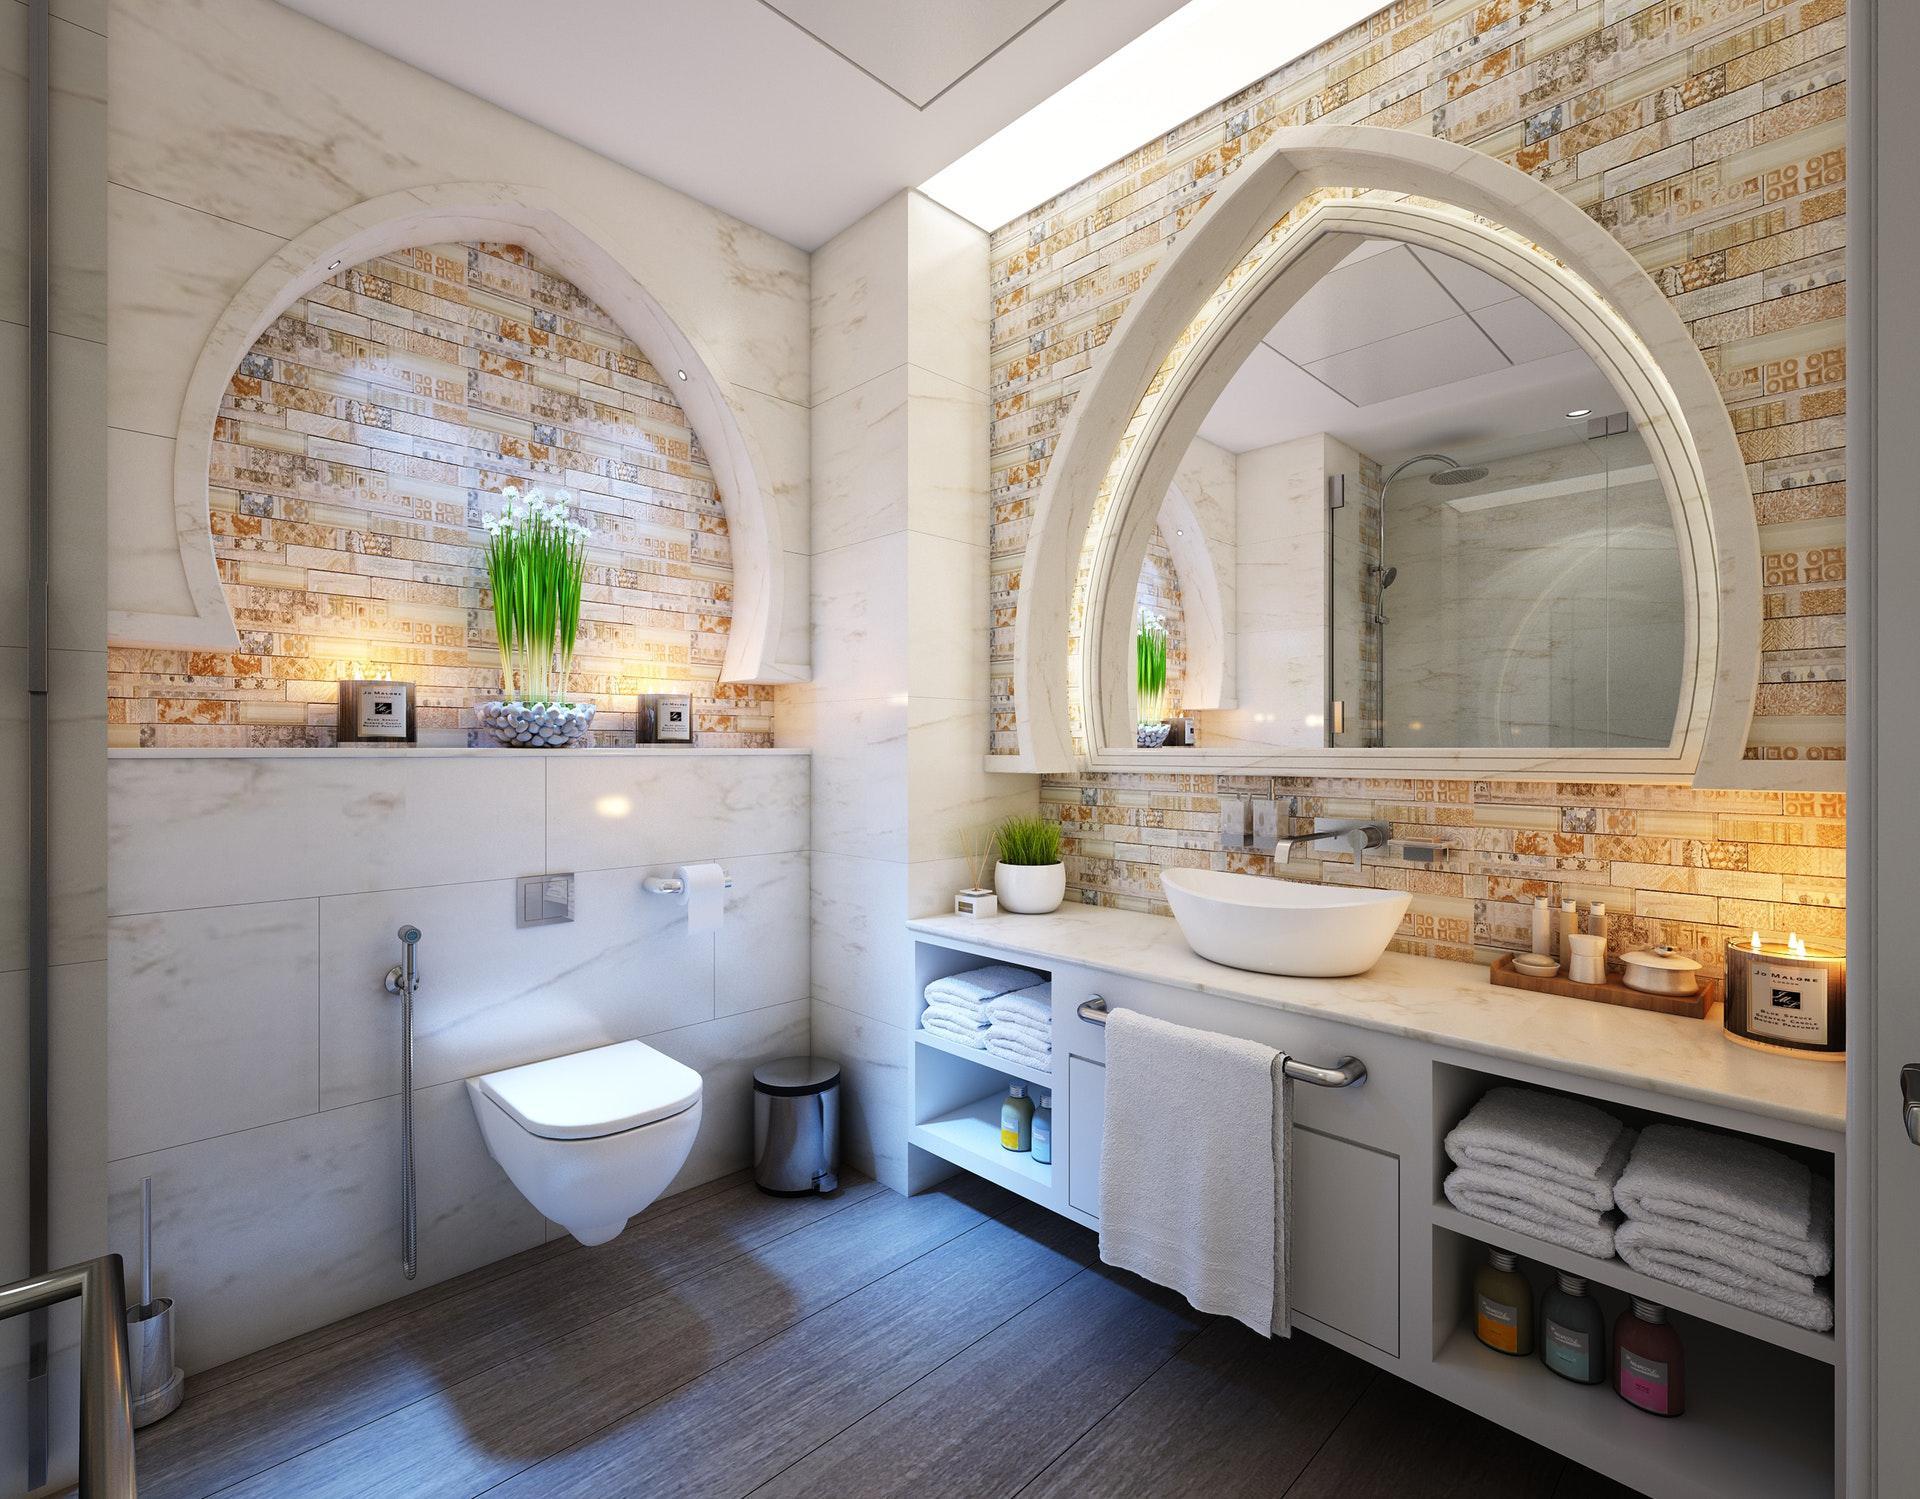 عکس زمینه حمام سنتی با حوله سفید پس زمینه